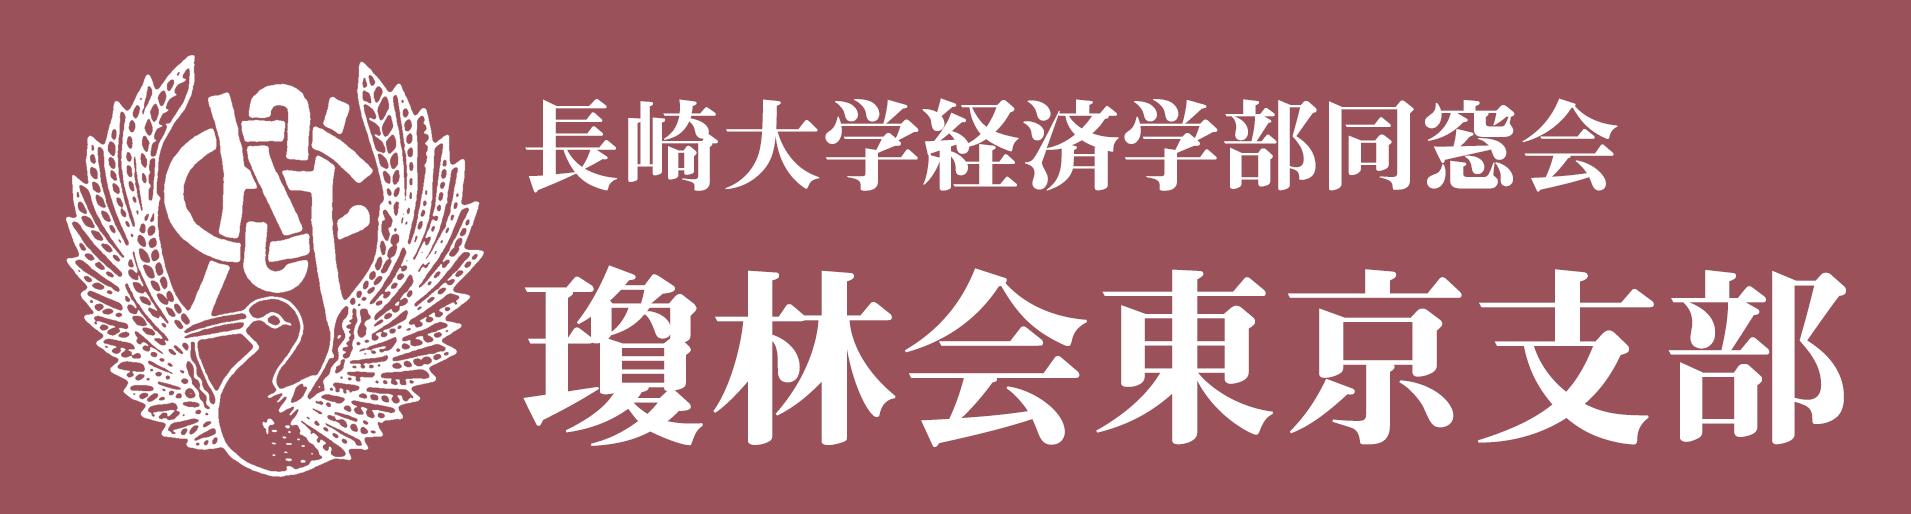 瓊林会 東京支部